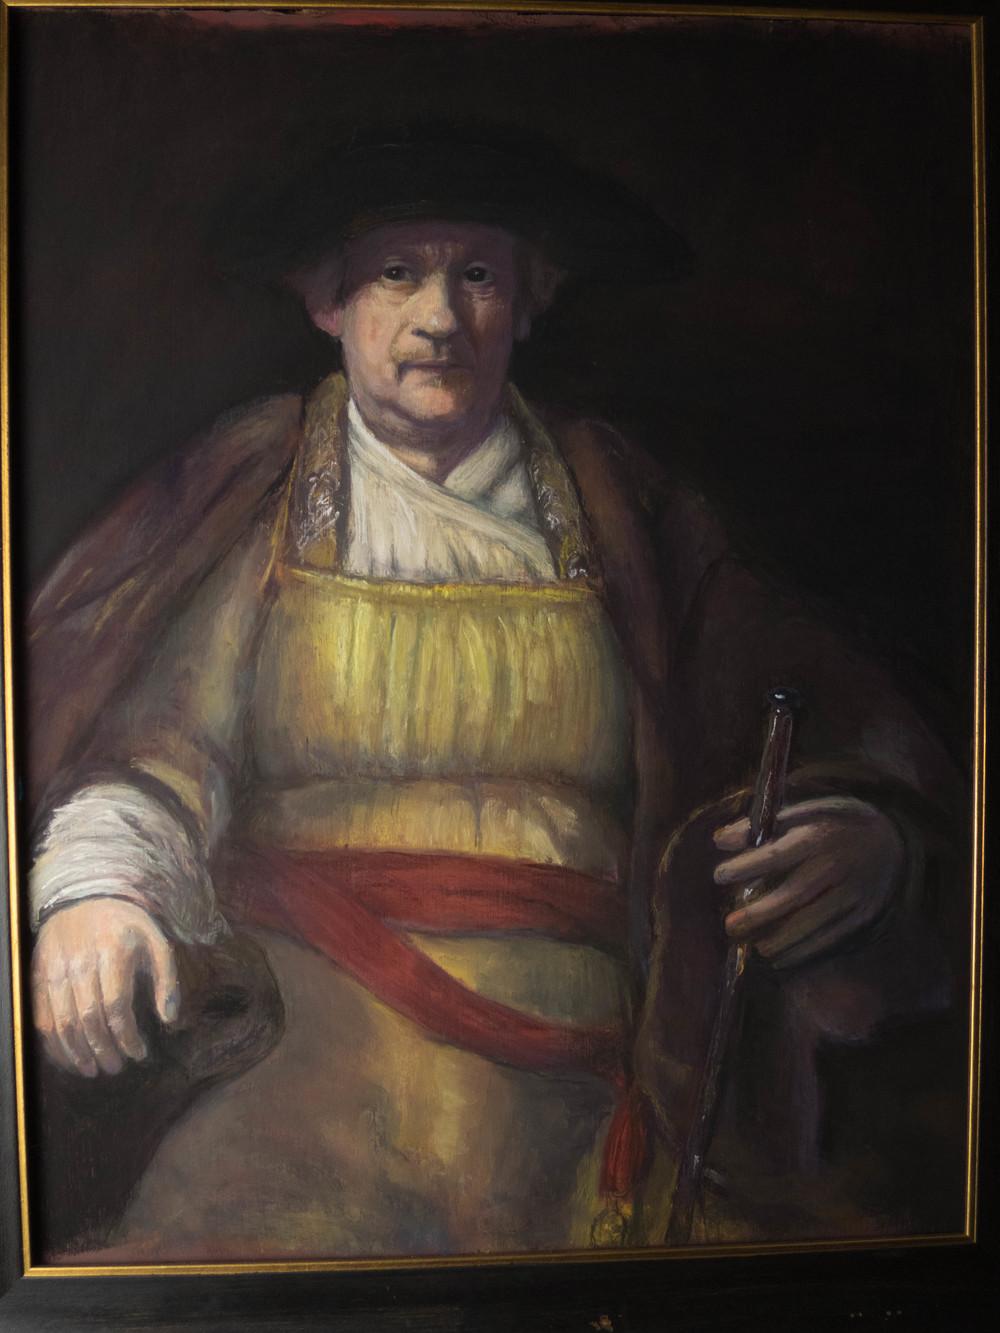 After Rembrandt 1 (self portrait - Frick).jpg